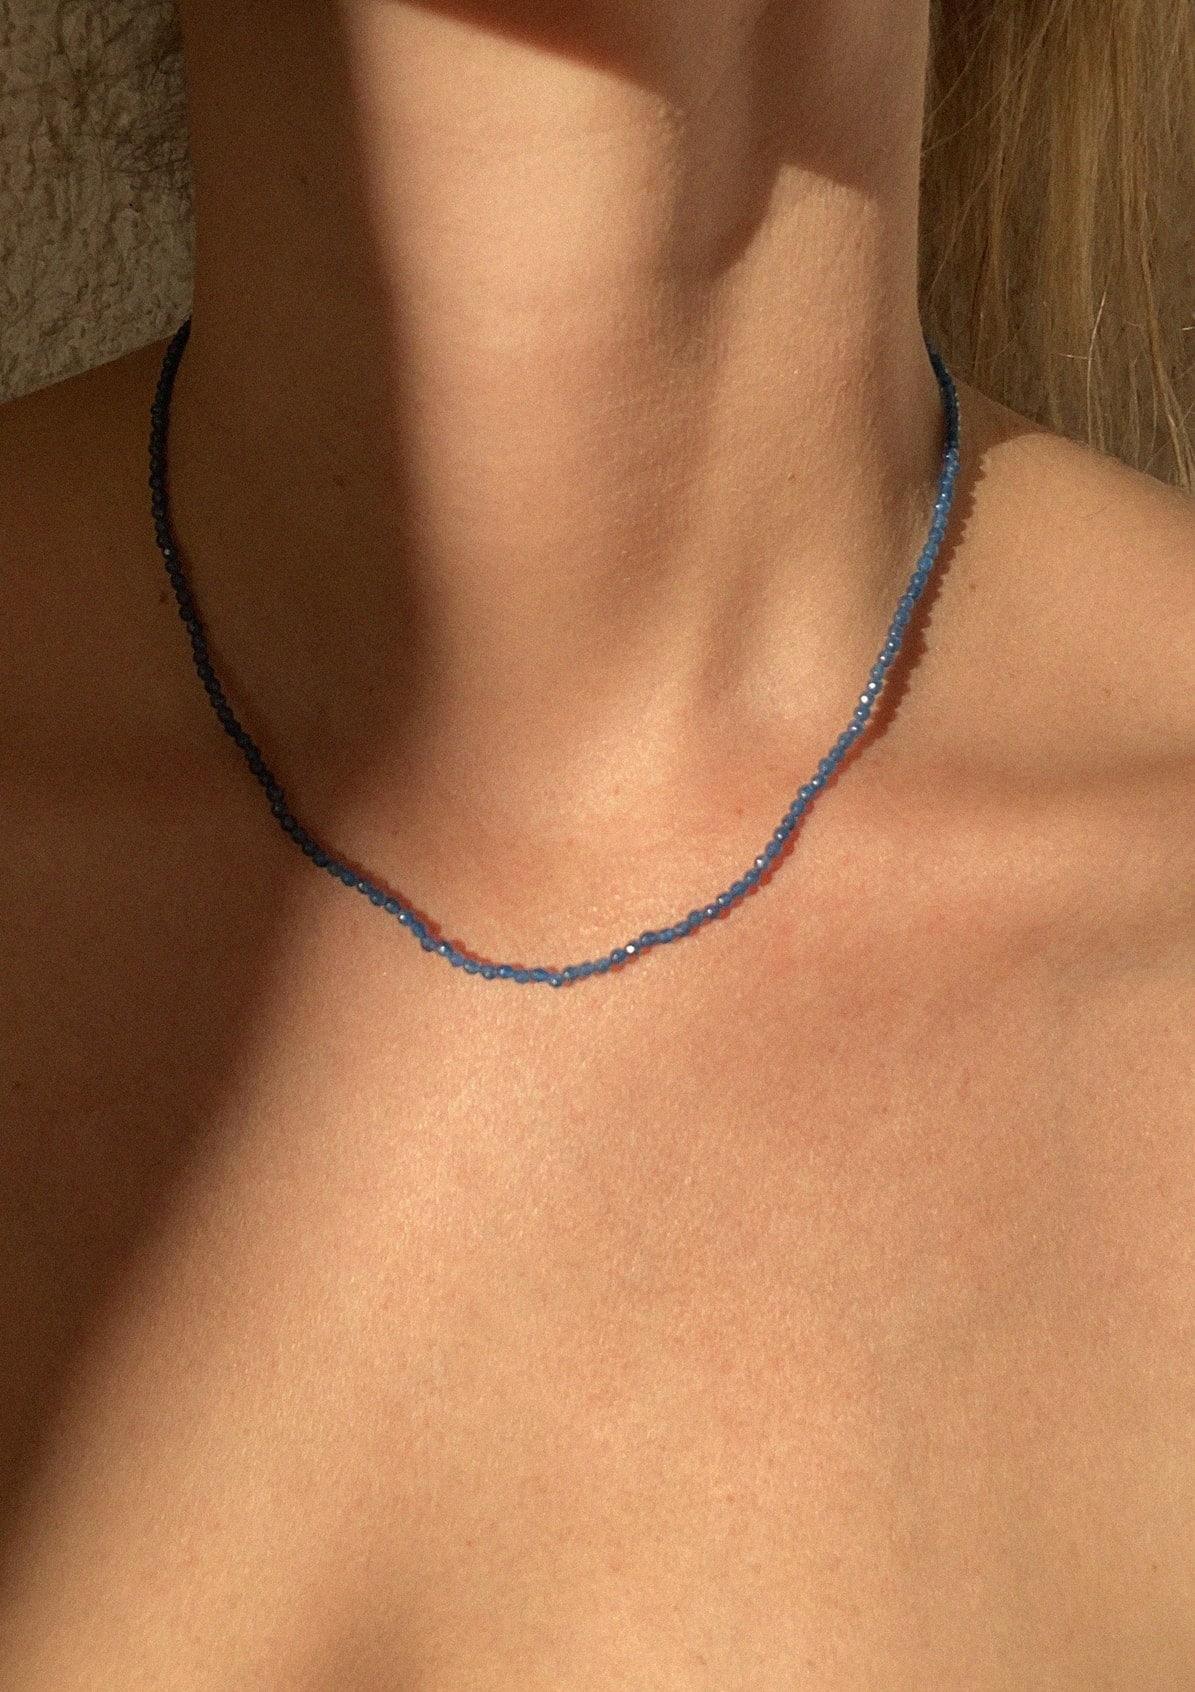 NAVY BLUE NECKLACE